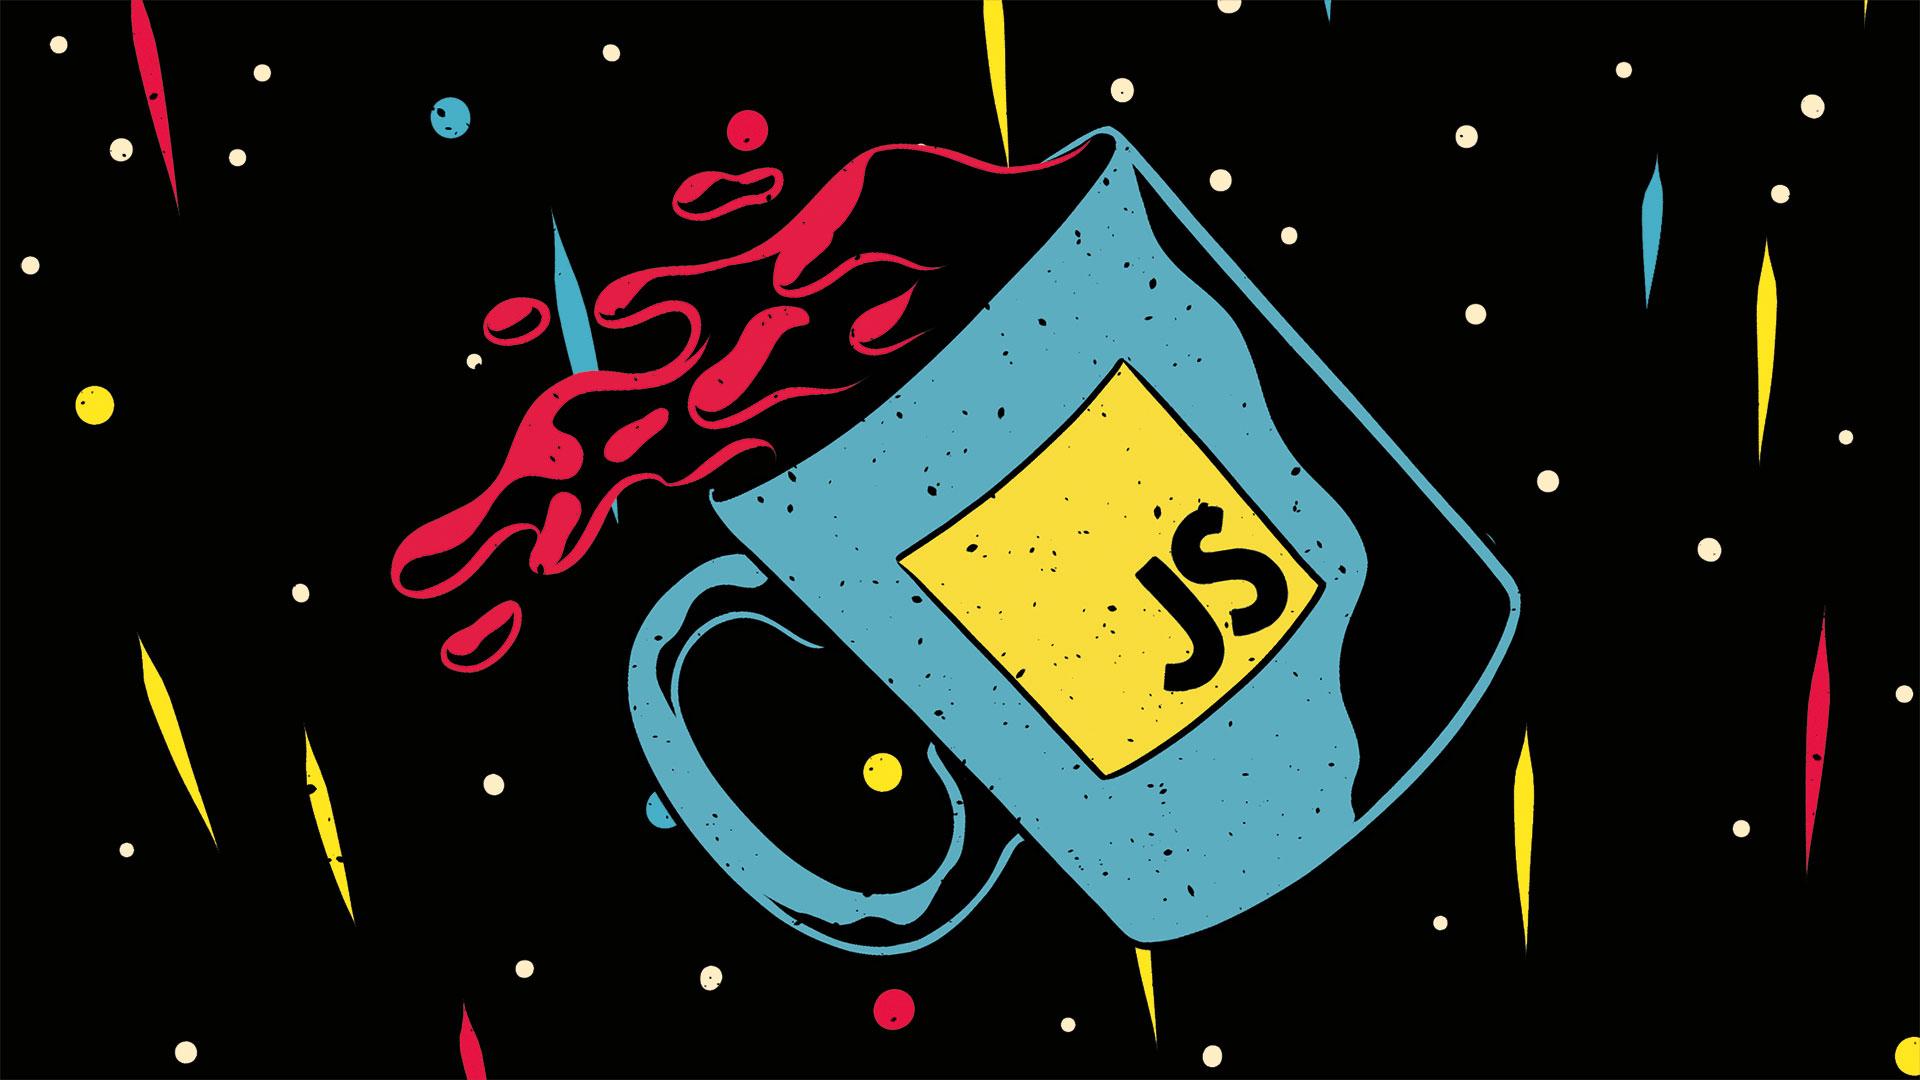 7 лучших JavaScript фреймворков и библиотек для изучения в 2018